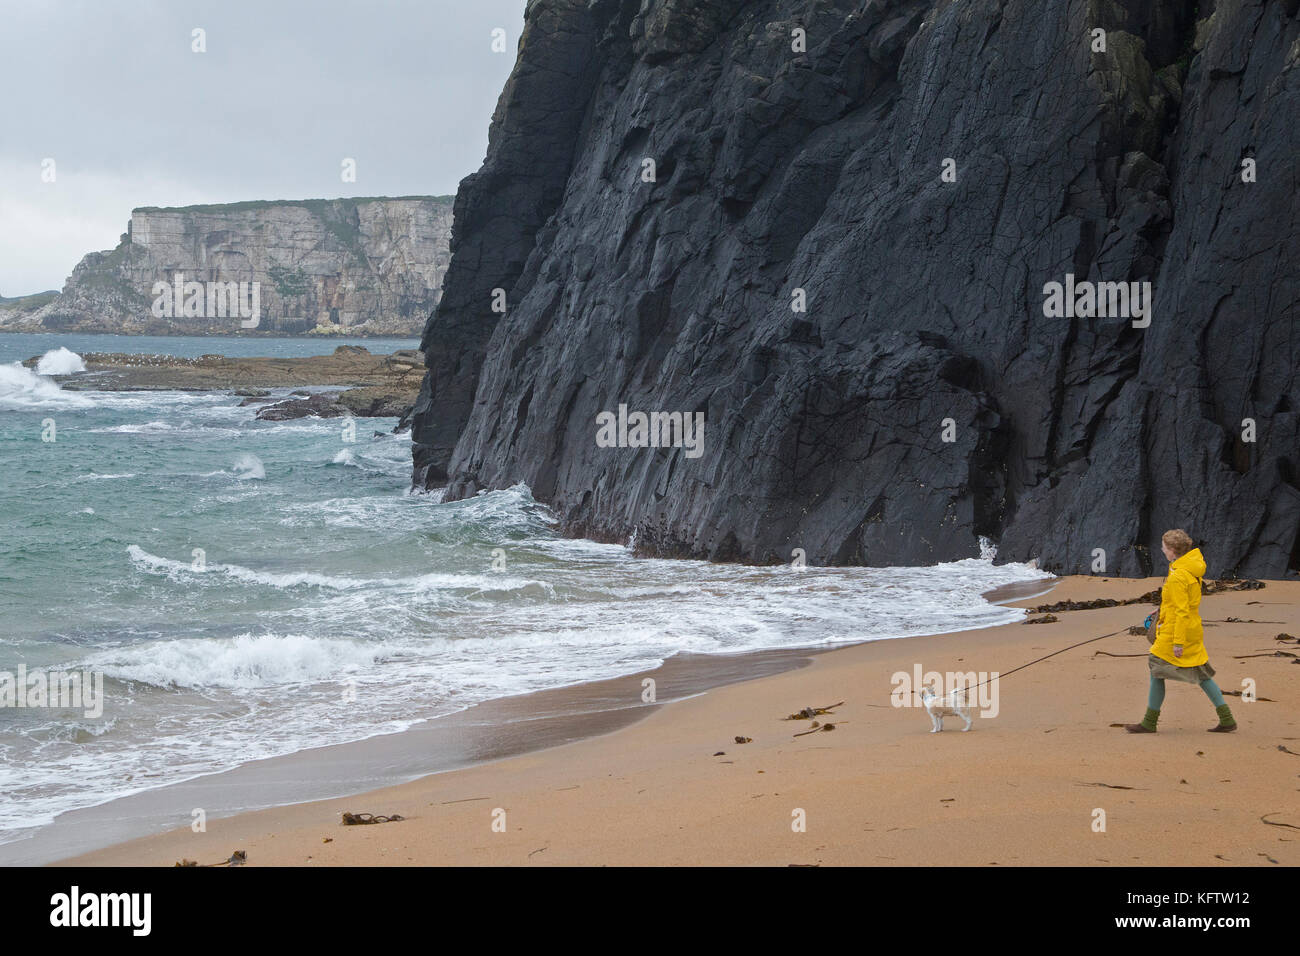 Donna con cane in spiaggia, Ballintoy, Co. Antrim, Irlanda del Nord Immagini Stock